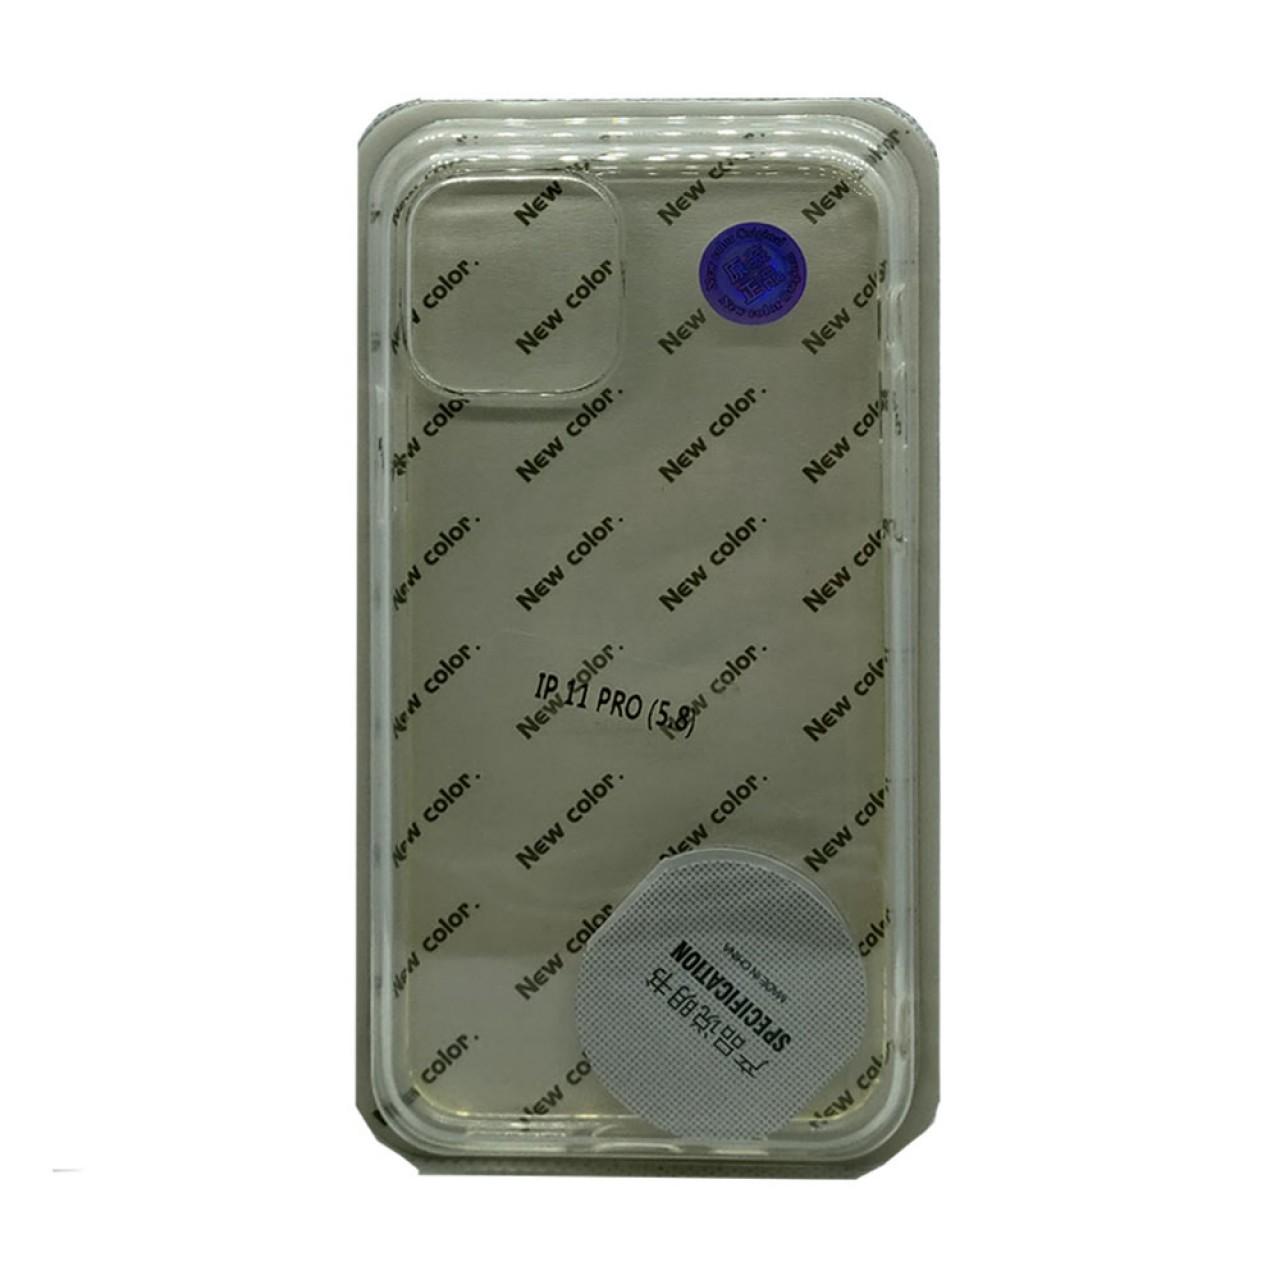 ΘΗΚΗ ΠΡΟΣΤΑΣΙΑΣ ΣΙΛΙΚΟΝΗΣ ΓΙΑ iPhone11 Pro - BACK COVER SILICON CASE - NEW COLOUR